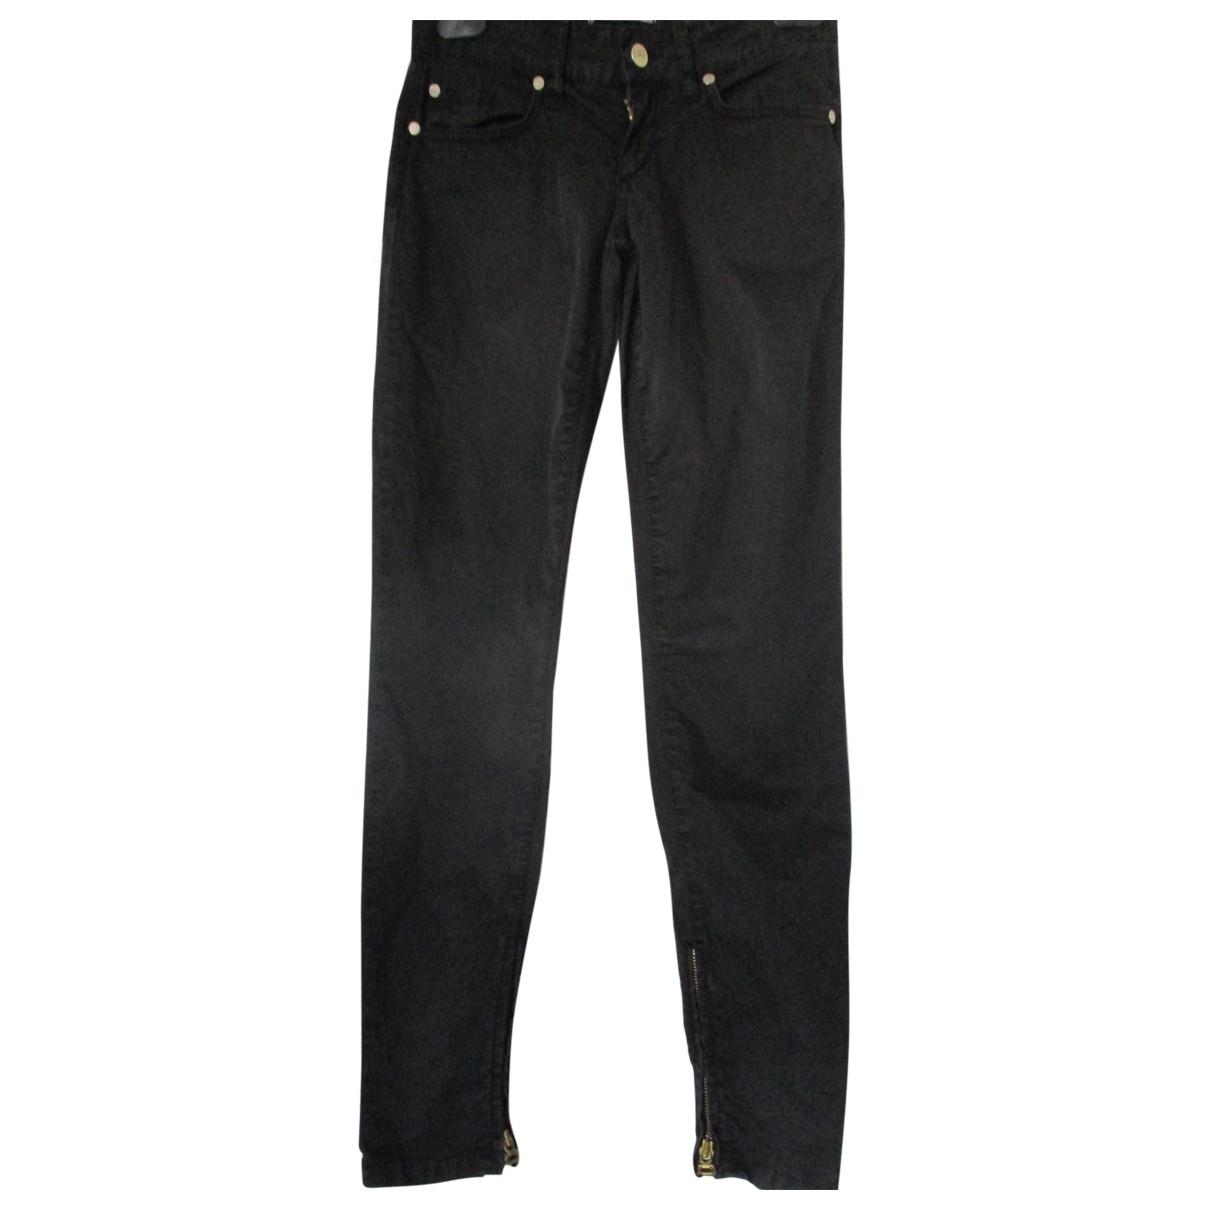 Liu.jo \N Black Cotton Trousers for Women 36 IT